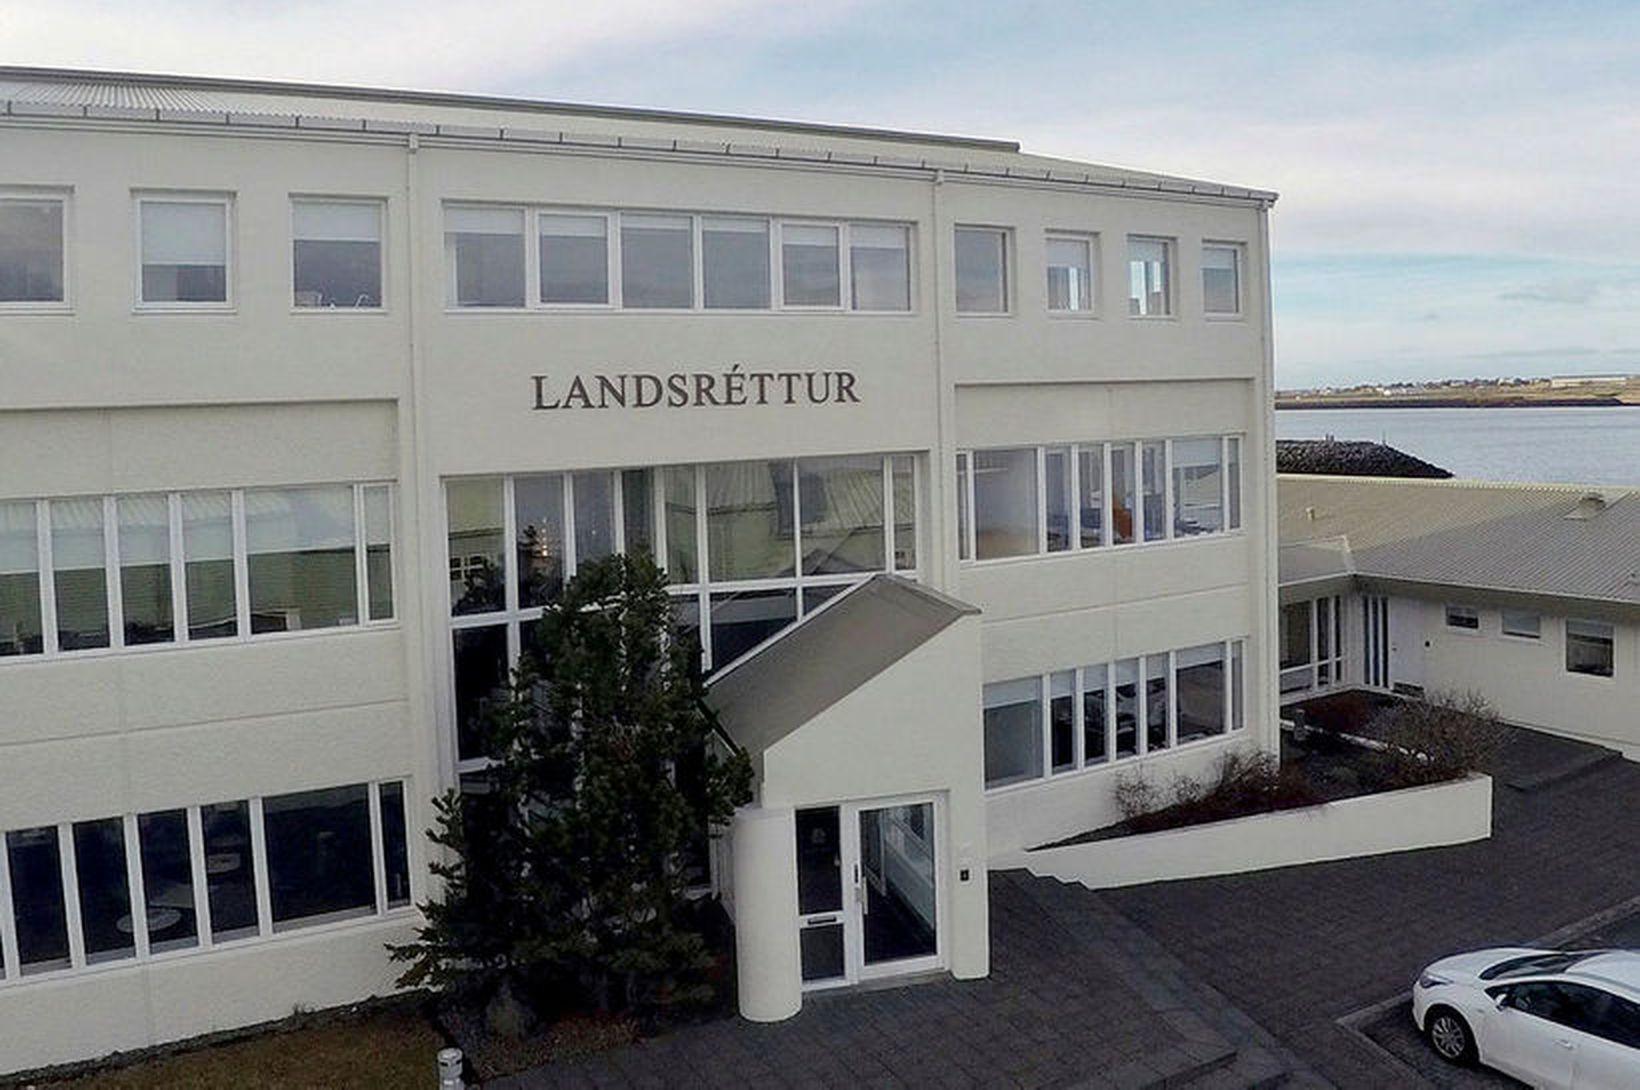 Nauðgunardómur staðfestur í Landsrétti